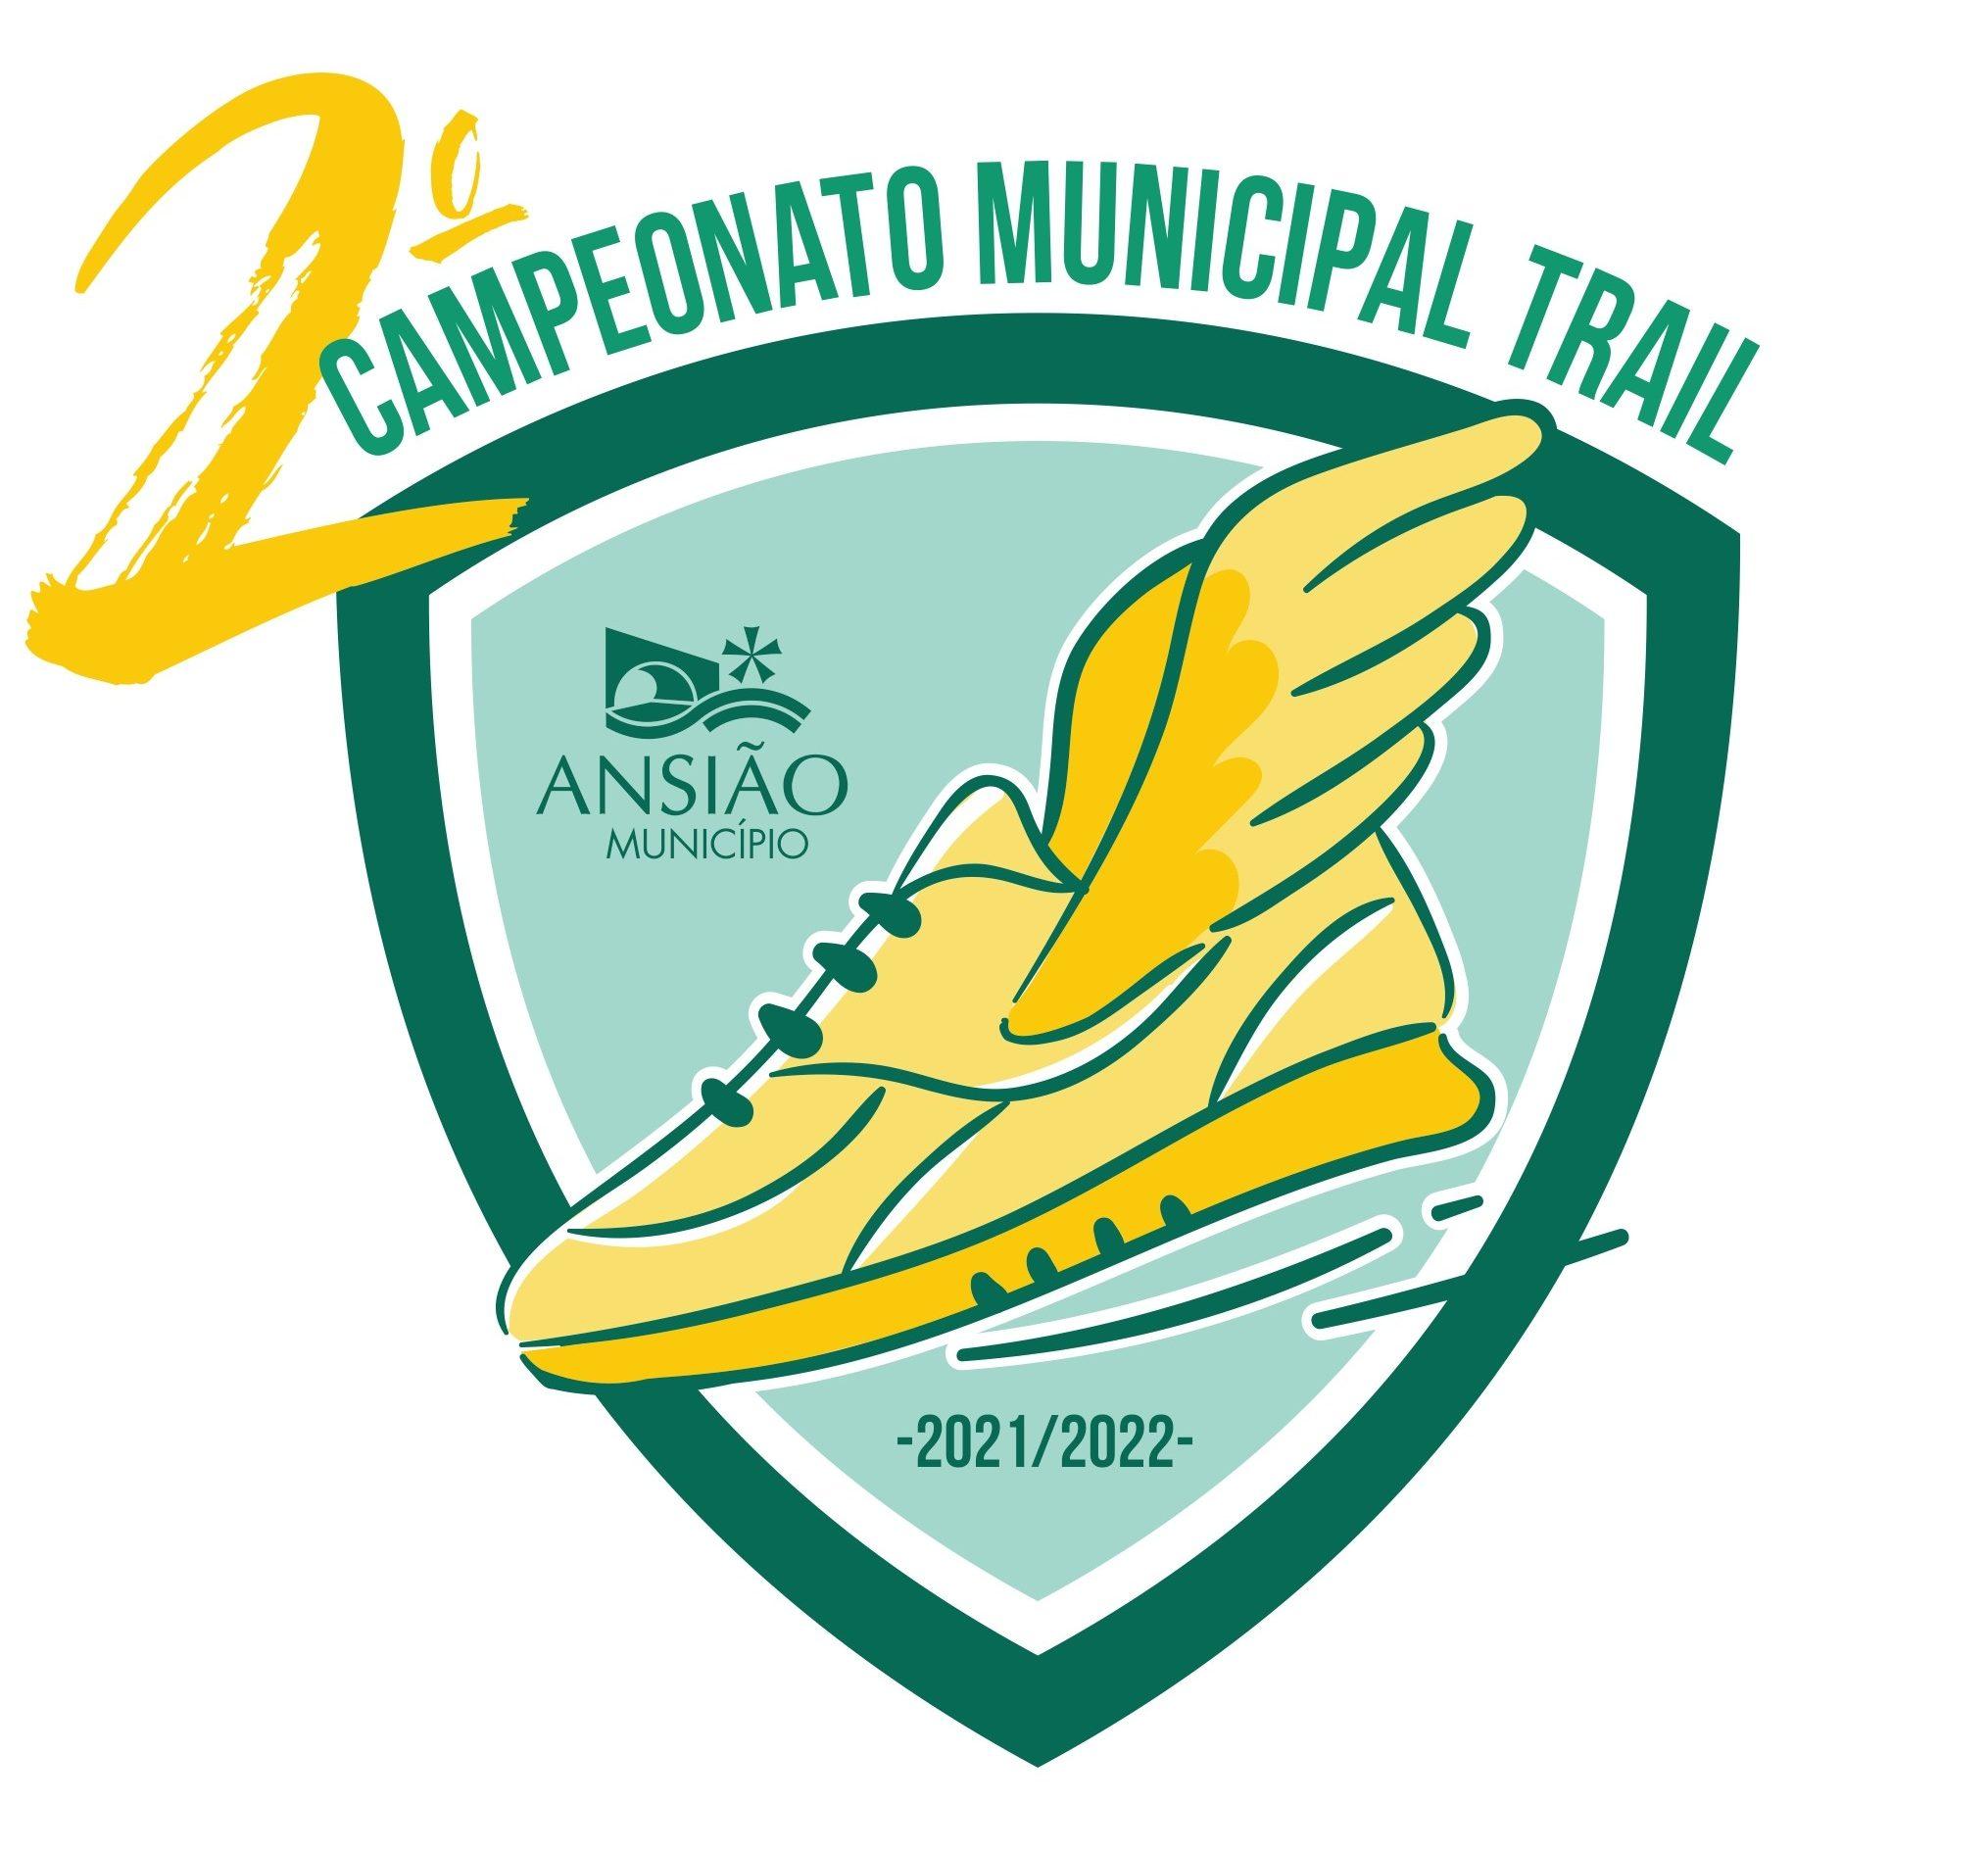 Campeonato Municipal de Trail de Ansião